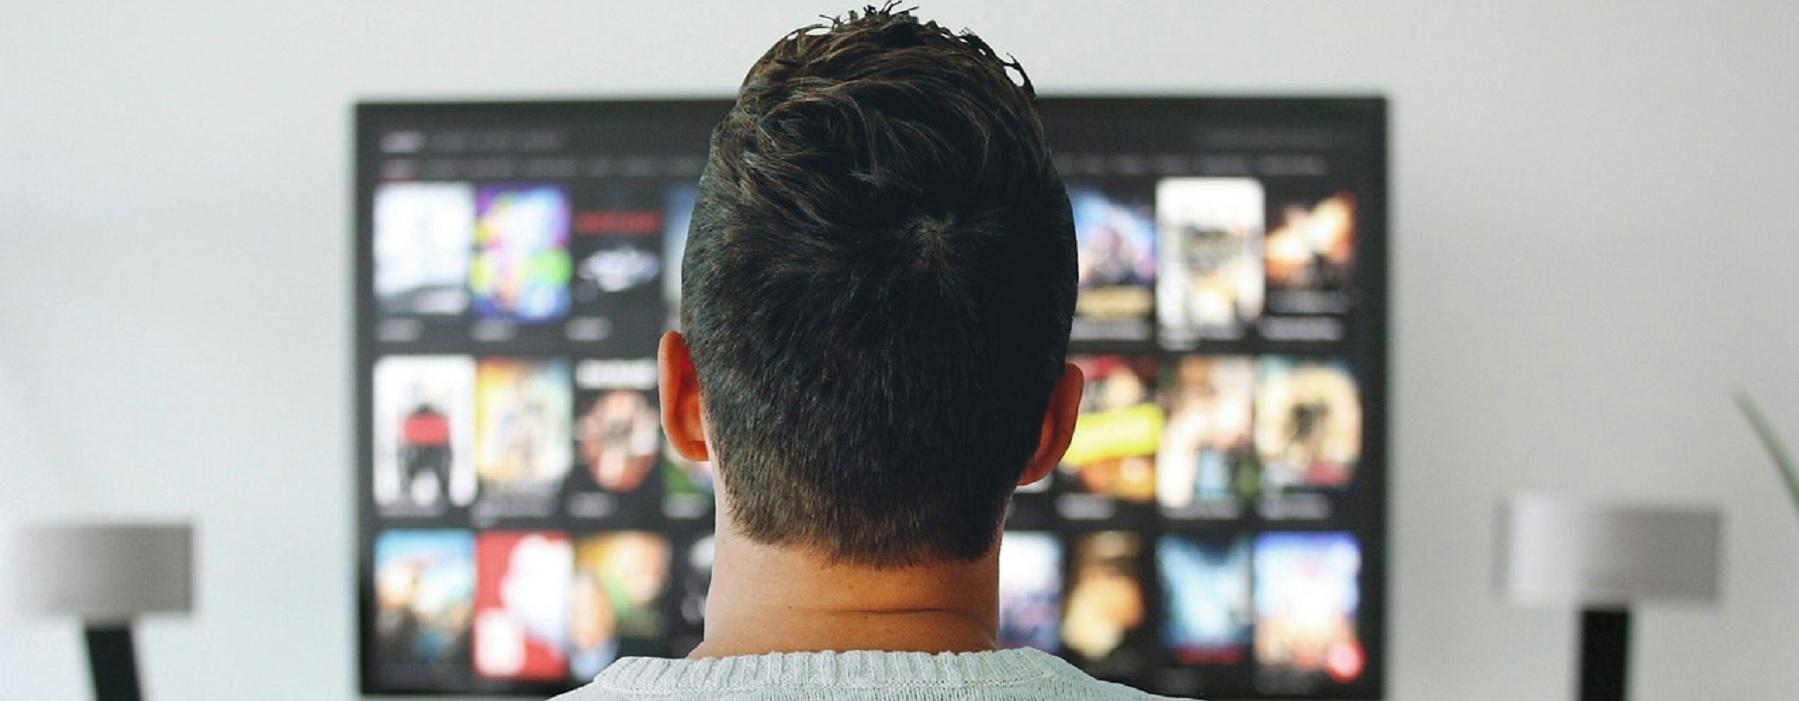 קניתם טלויזיה חדשה_ אלה המכשירים להשלמת חווית צפייה קולנועית – header